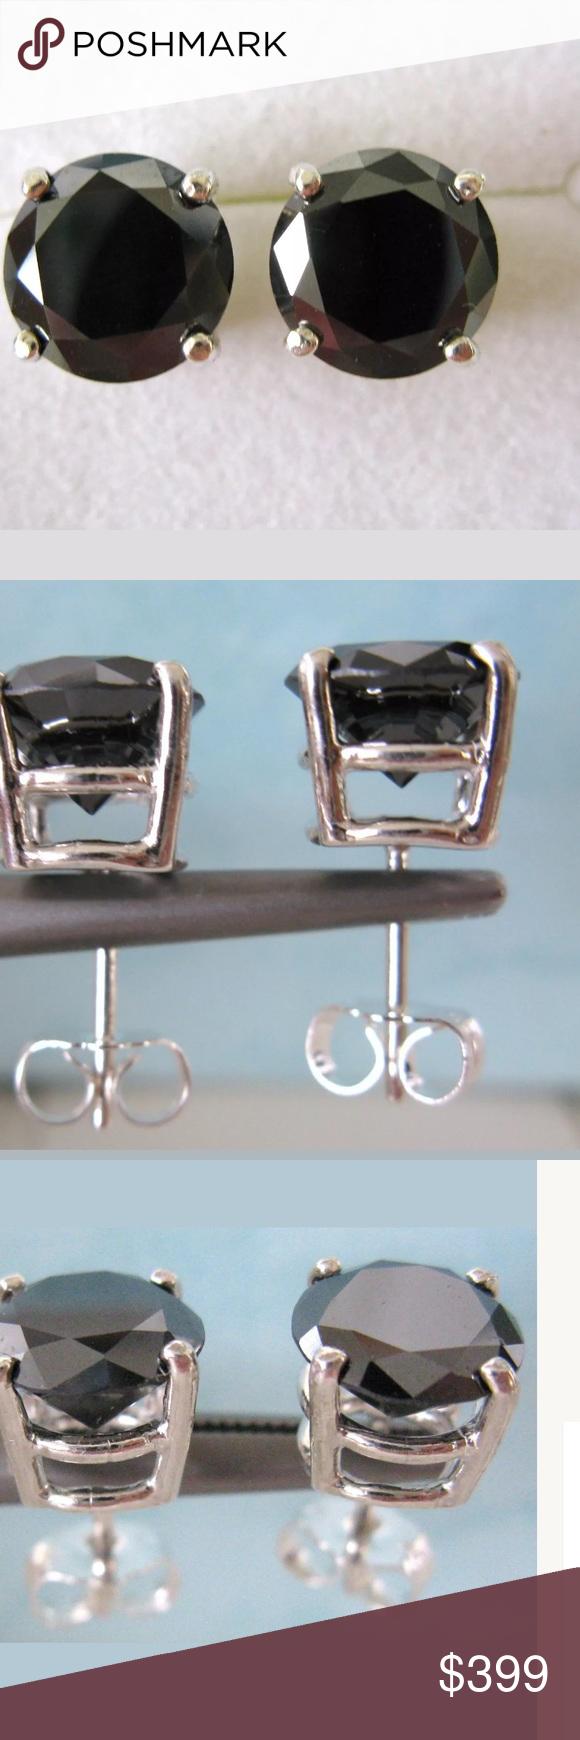 Flash 1020 2 0ctw Natural Black Diamond Stud Boutique